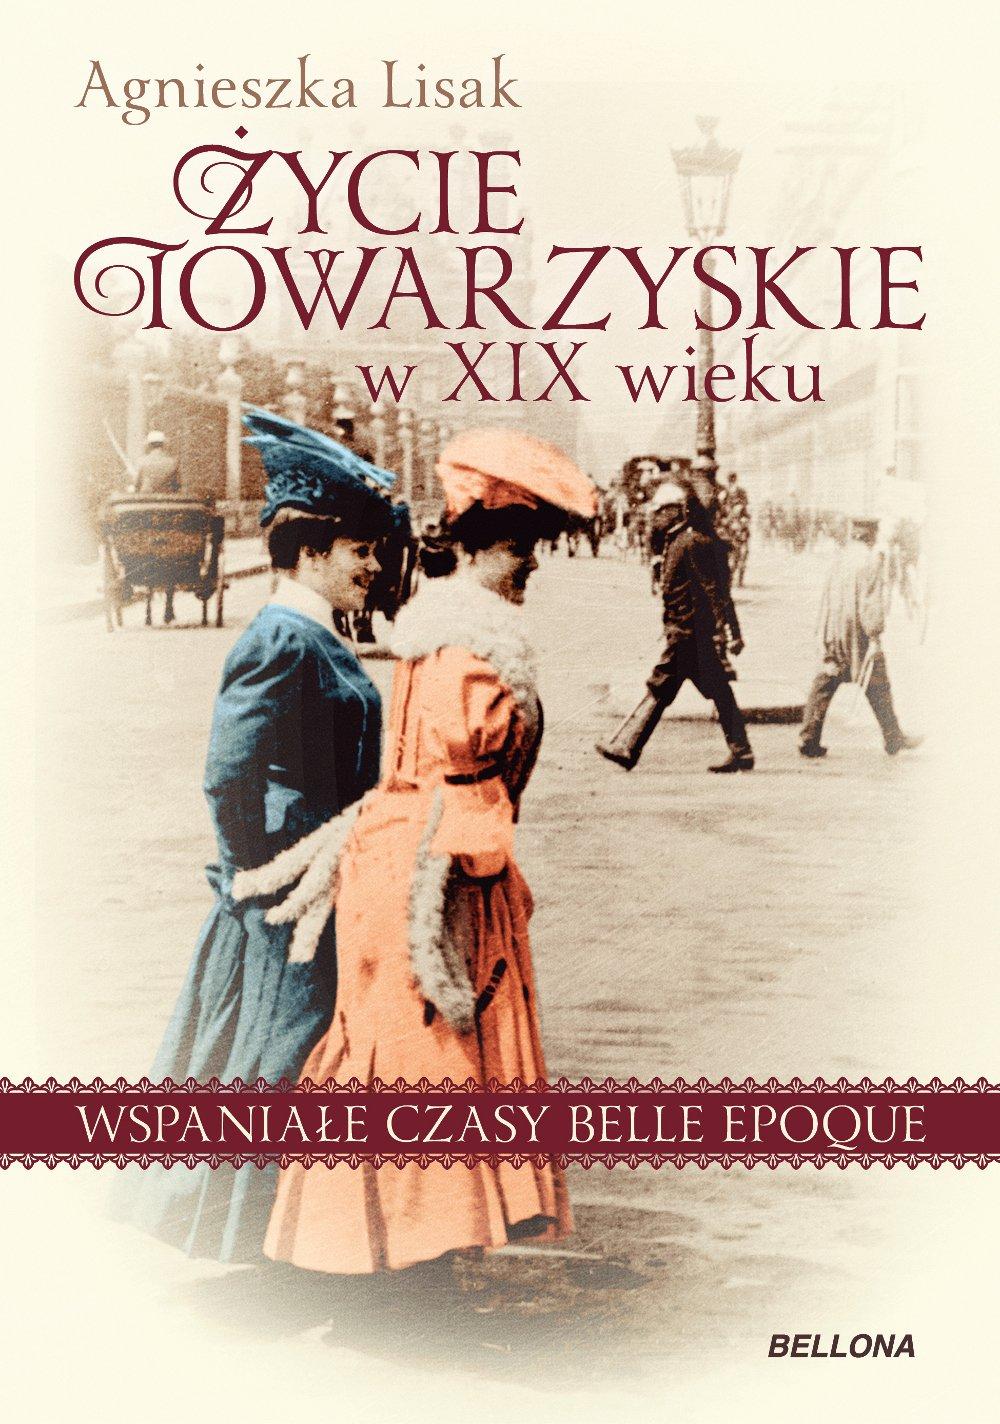 Życie towarzyskie w XIX wieku - Ebook (Książka na Kindle) do pobrania w formacie MOBI